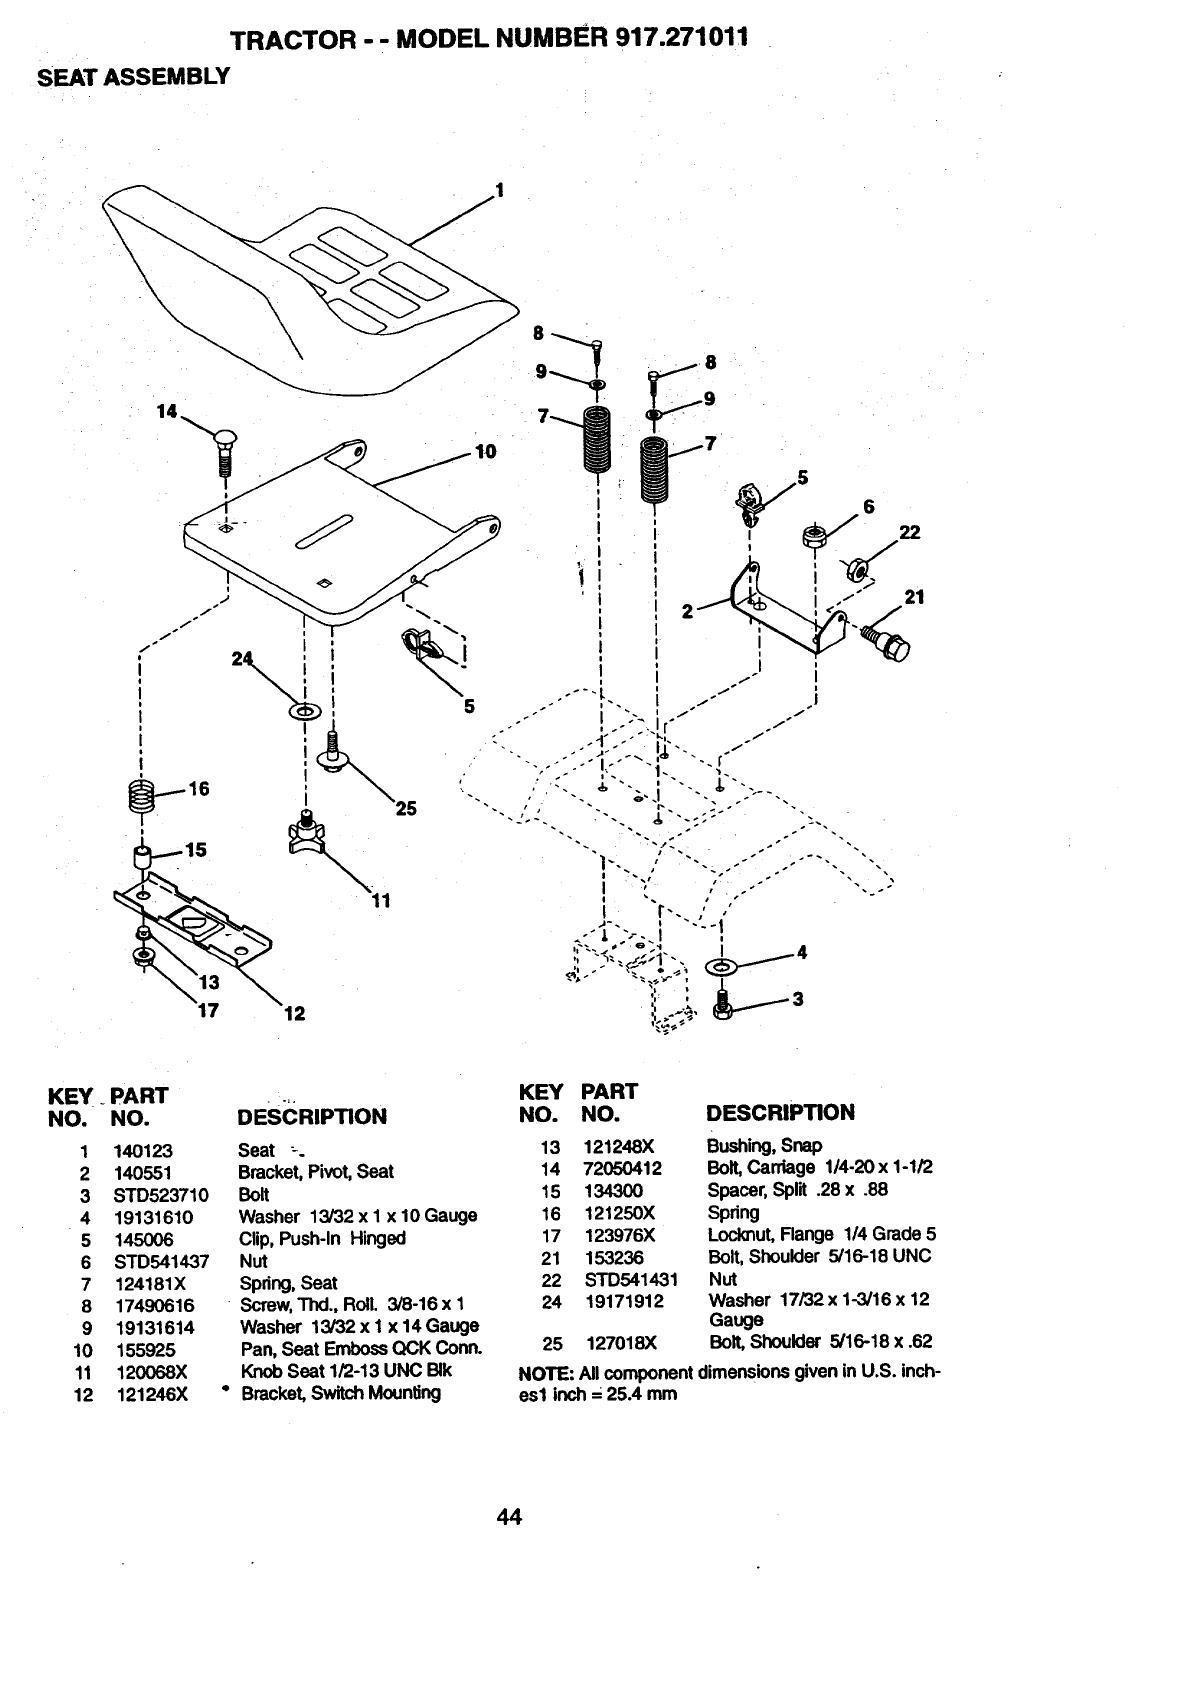 Craftsman 917271011 User Manual 15.5 HP ELECTRIC START 6